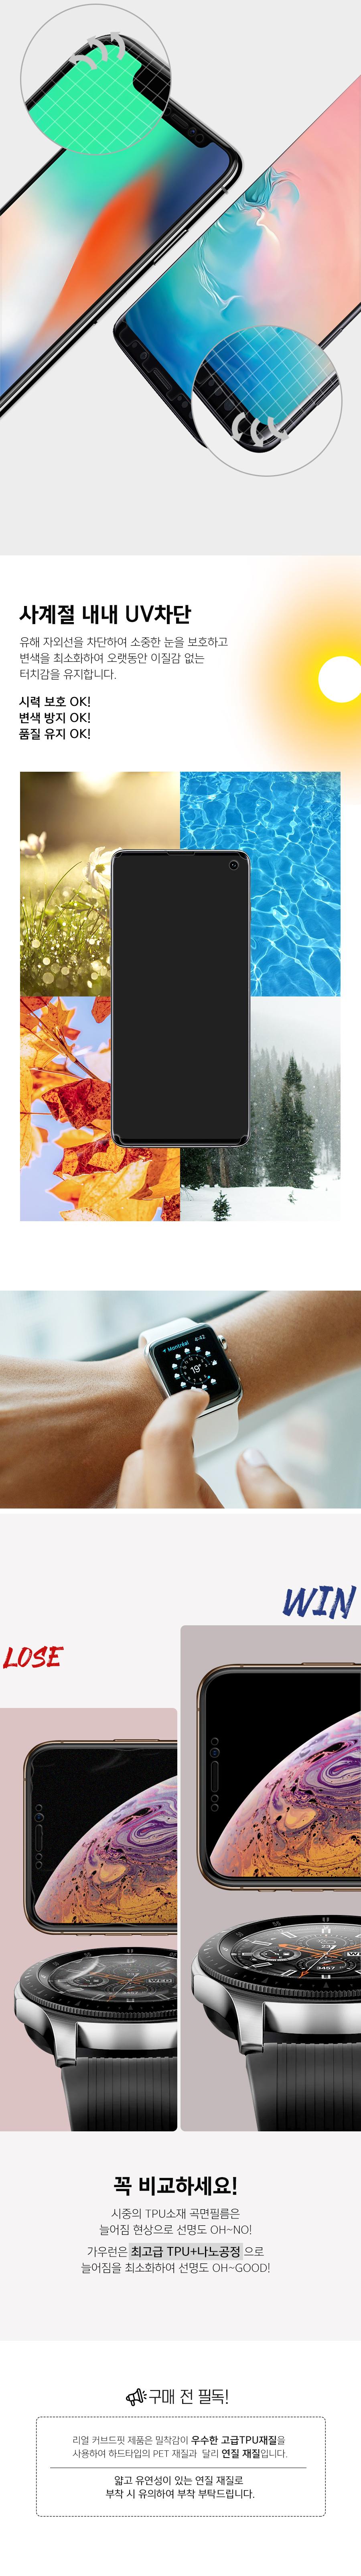 갤럭시워치 액티브2 40mm 리얼커브드 액정보호필름 2매 - 가우런, 10,900원, 필름/스킨, 기타 갤럭시 제품